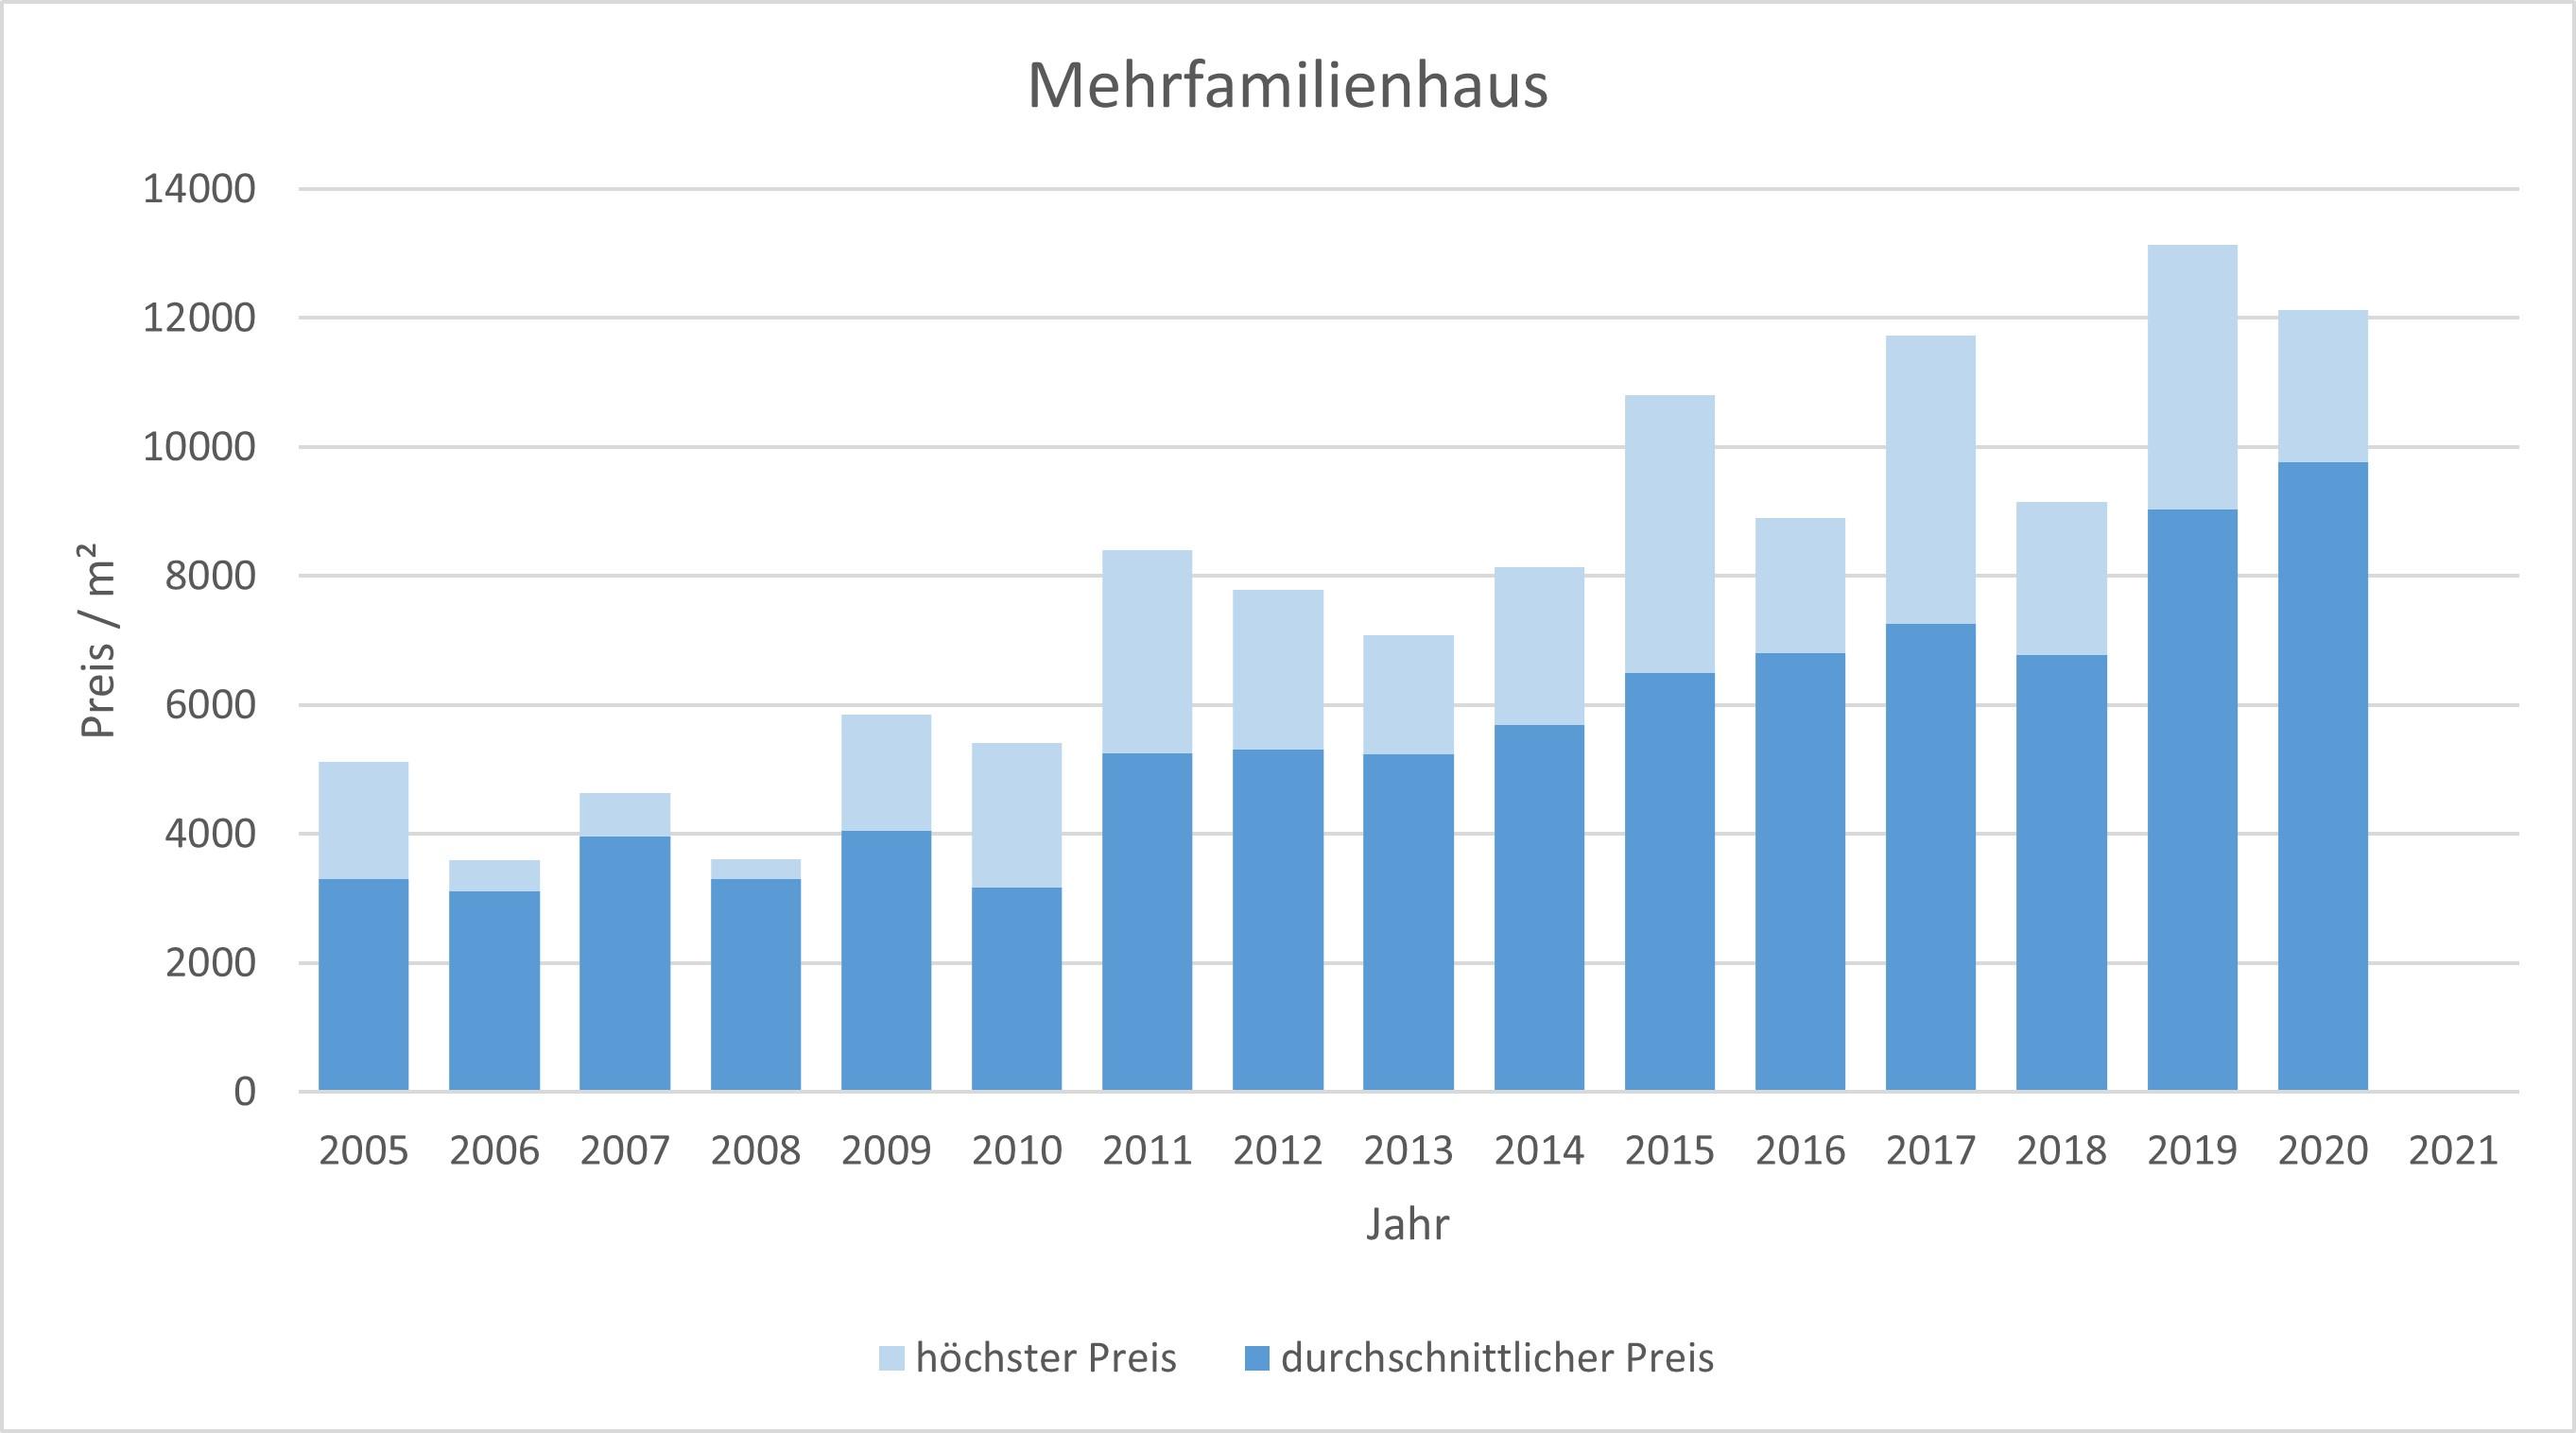 München - Solln Mehrfamilienhaus kaufen verkaufen Preis Bewertung Makler 2019 2020 2021 www.happy-immo.de